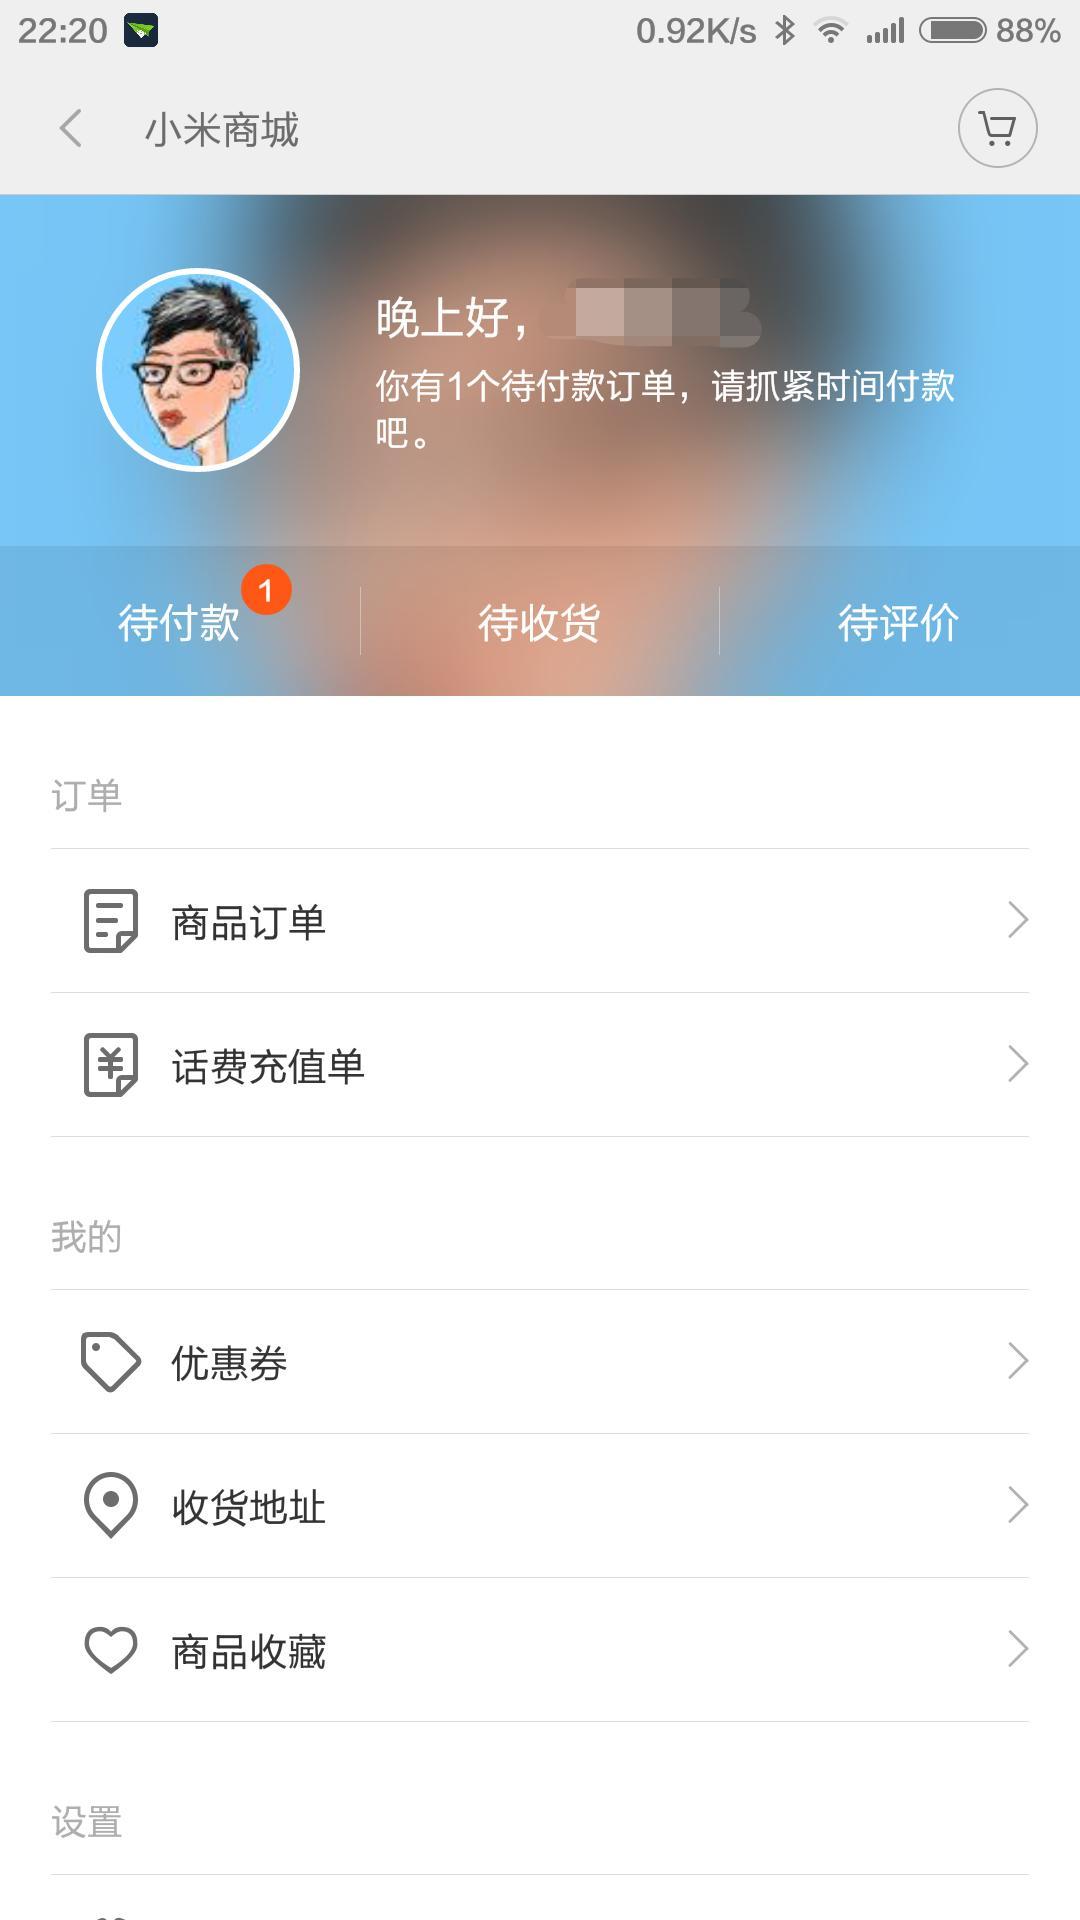 小米商城官网手机版 v4.0.8b